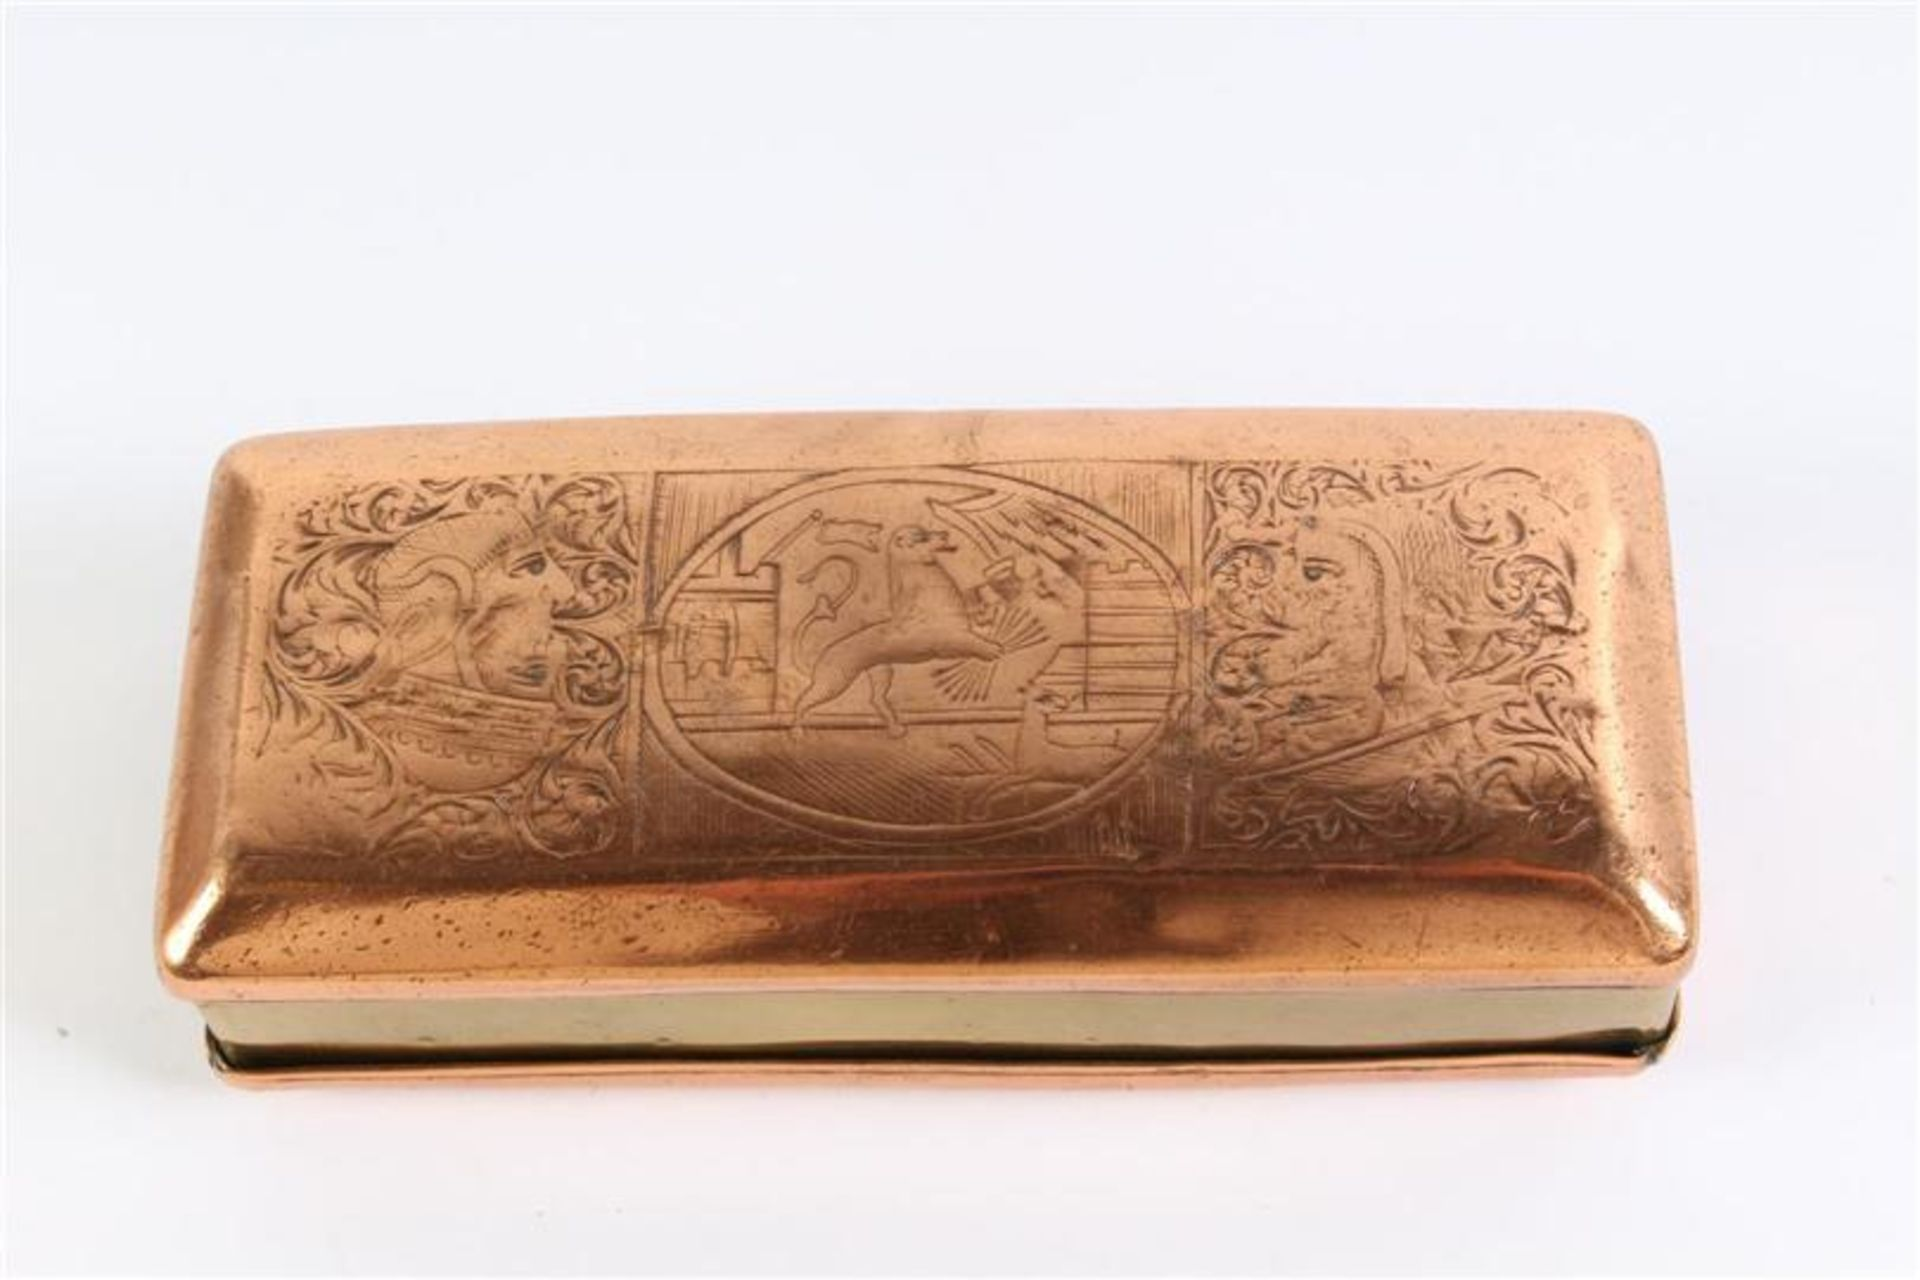 Los 27 - Geel met roodkoperen tabaksdoos met 'Hollandse leeuw' en diverse wapenschilden. L: 12.5 cm.